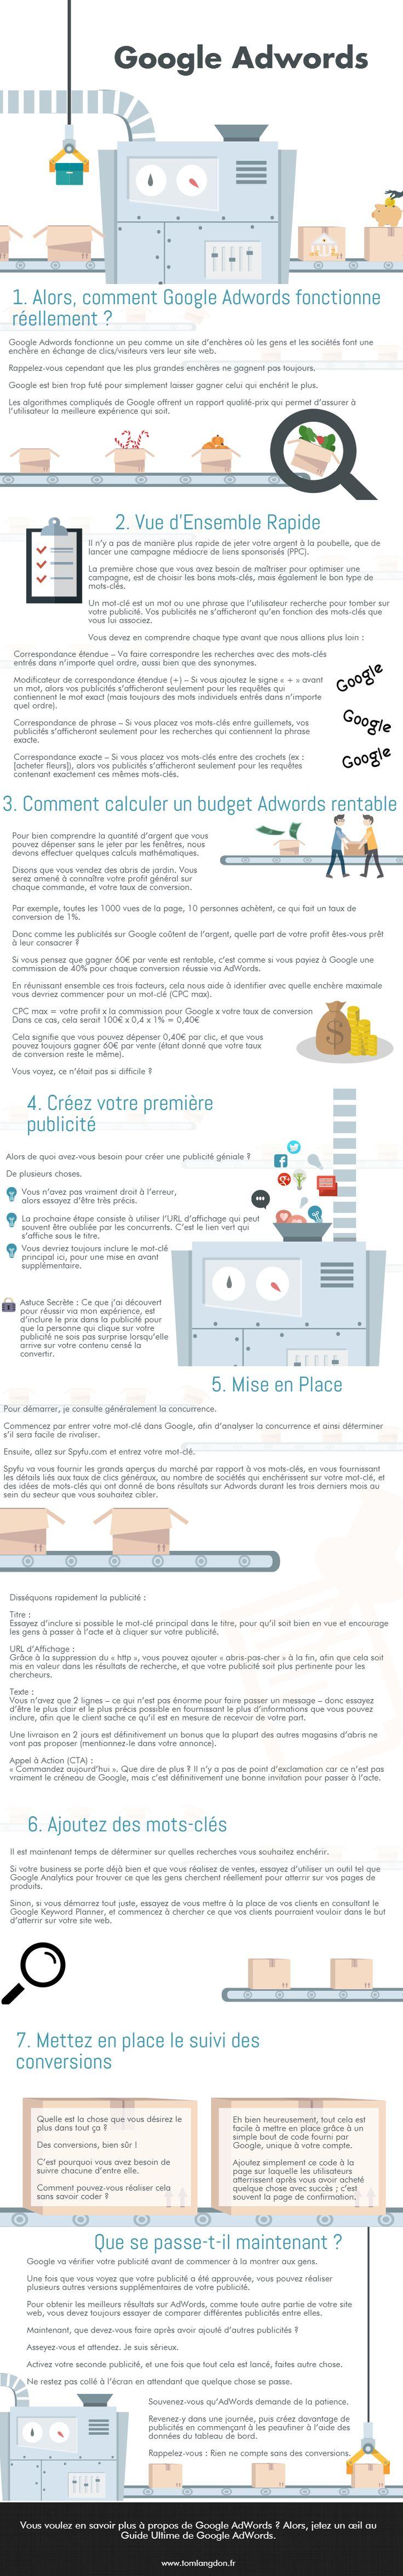 [Infographie] Google Adwords – 7 Conseils pour mettre en place une campagne à succès Google Adwords